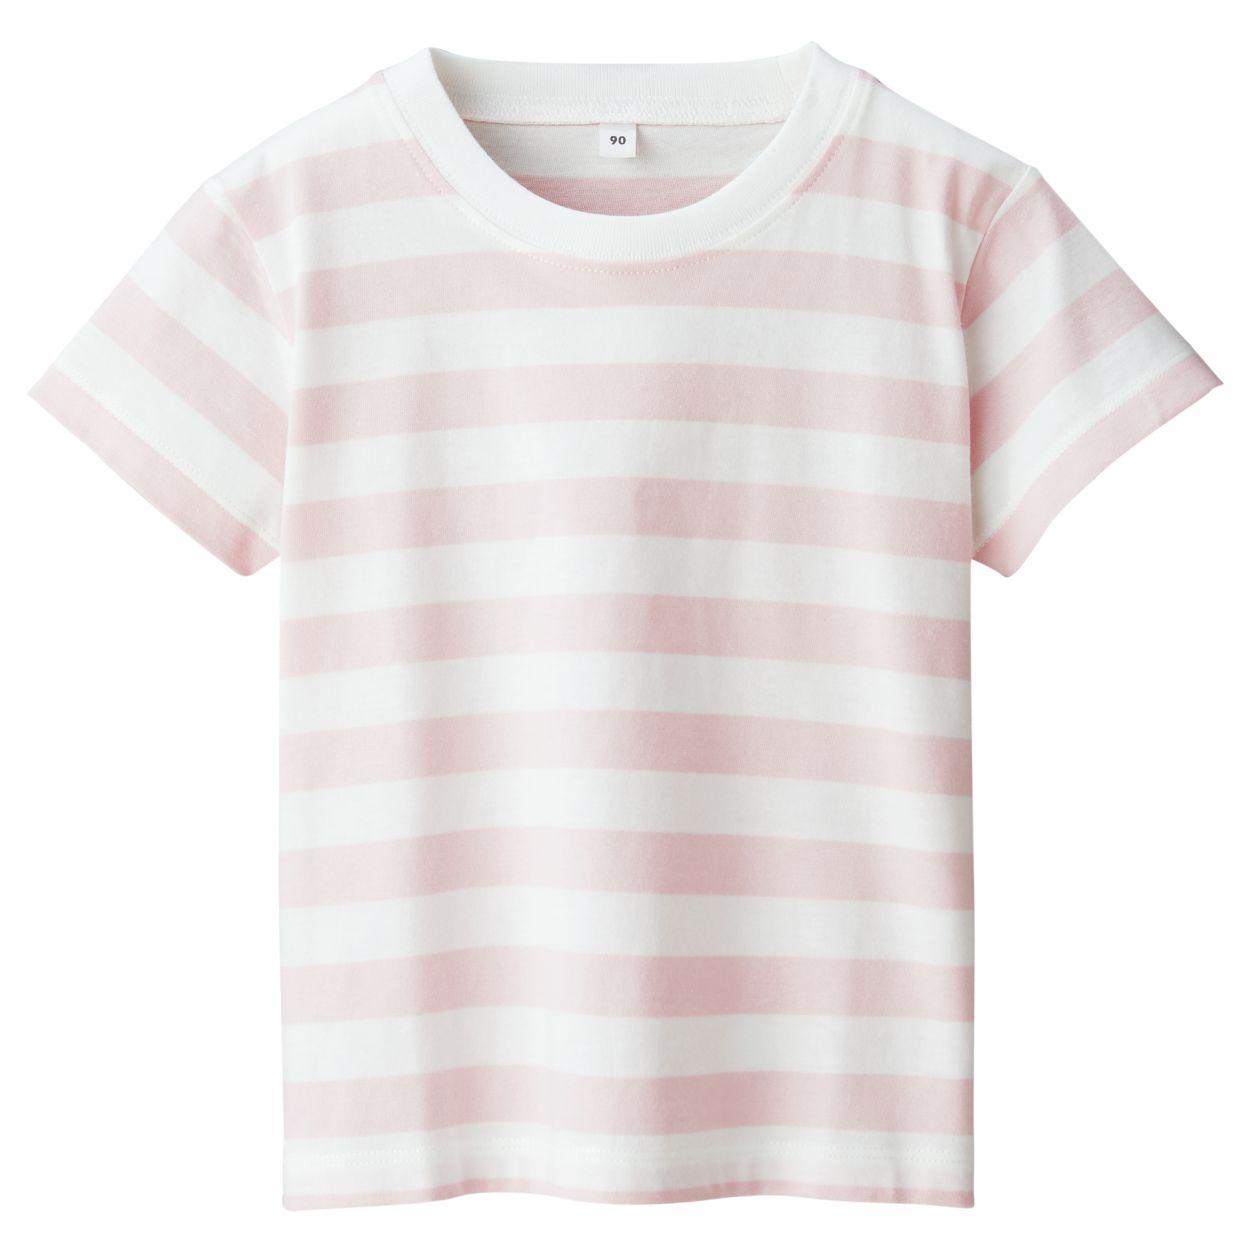 インド綿天竺編みボーダー半袖Tシャツ(ベビー)